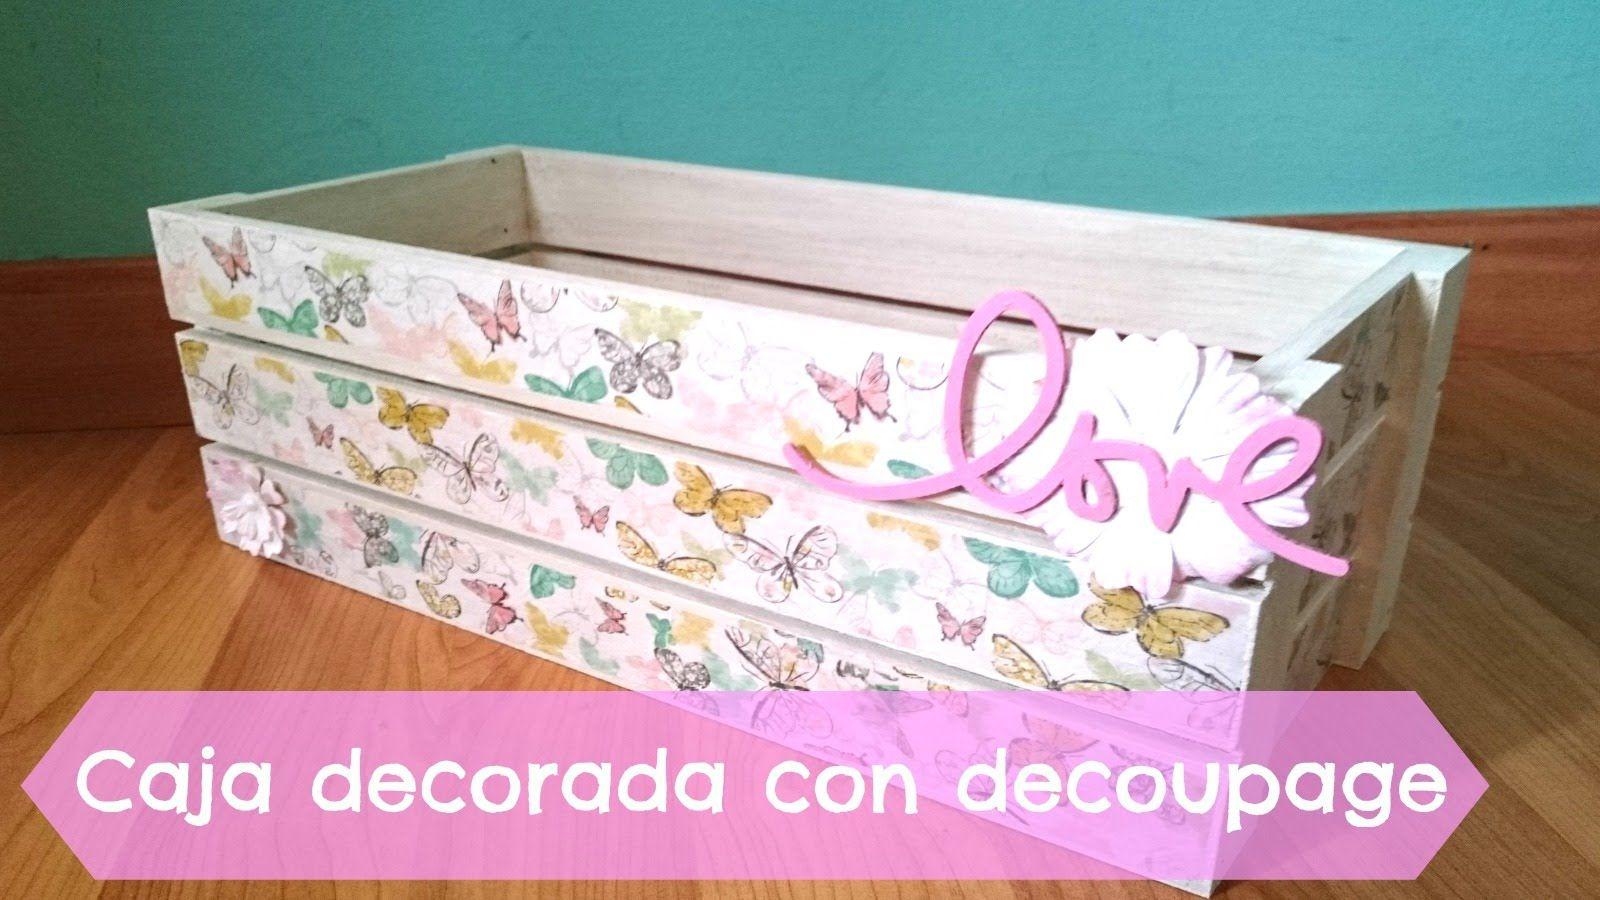 Aprende a decorar una caja de manzanas con papel de decoupage de mariposas manualidades - Decorar cajas de madera con papel ...